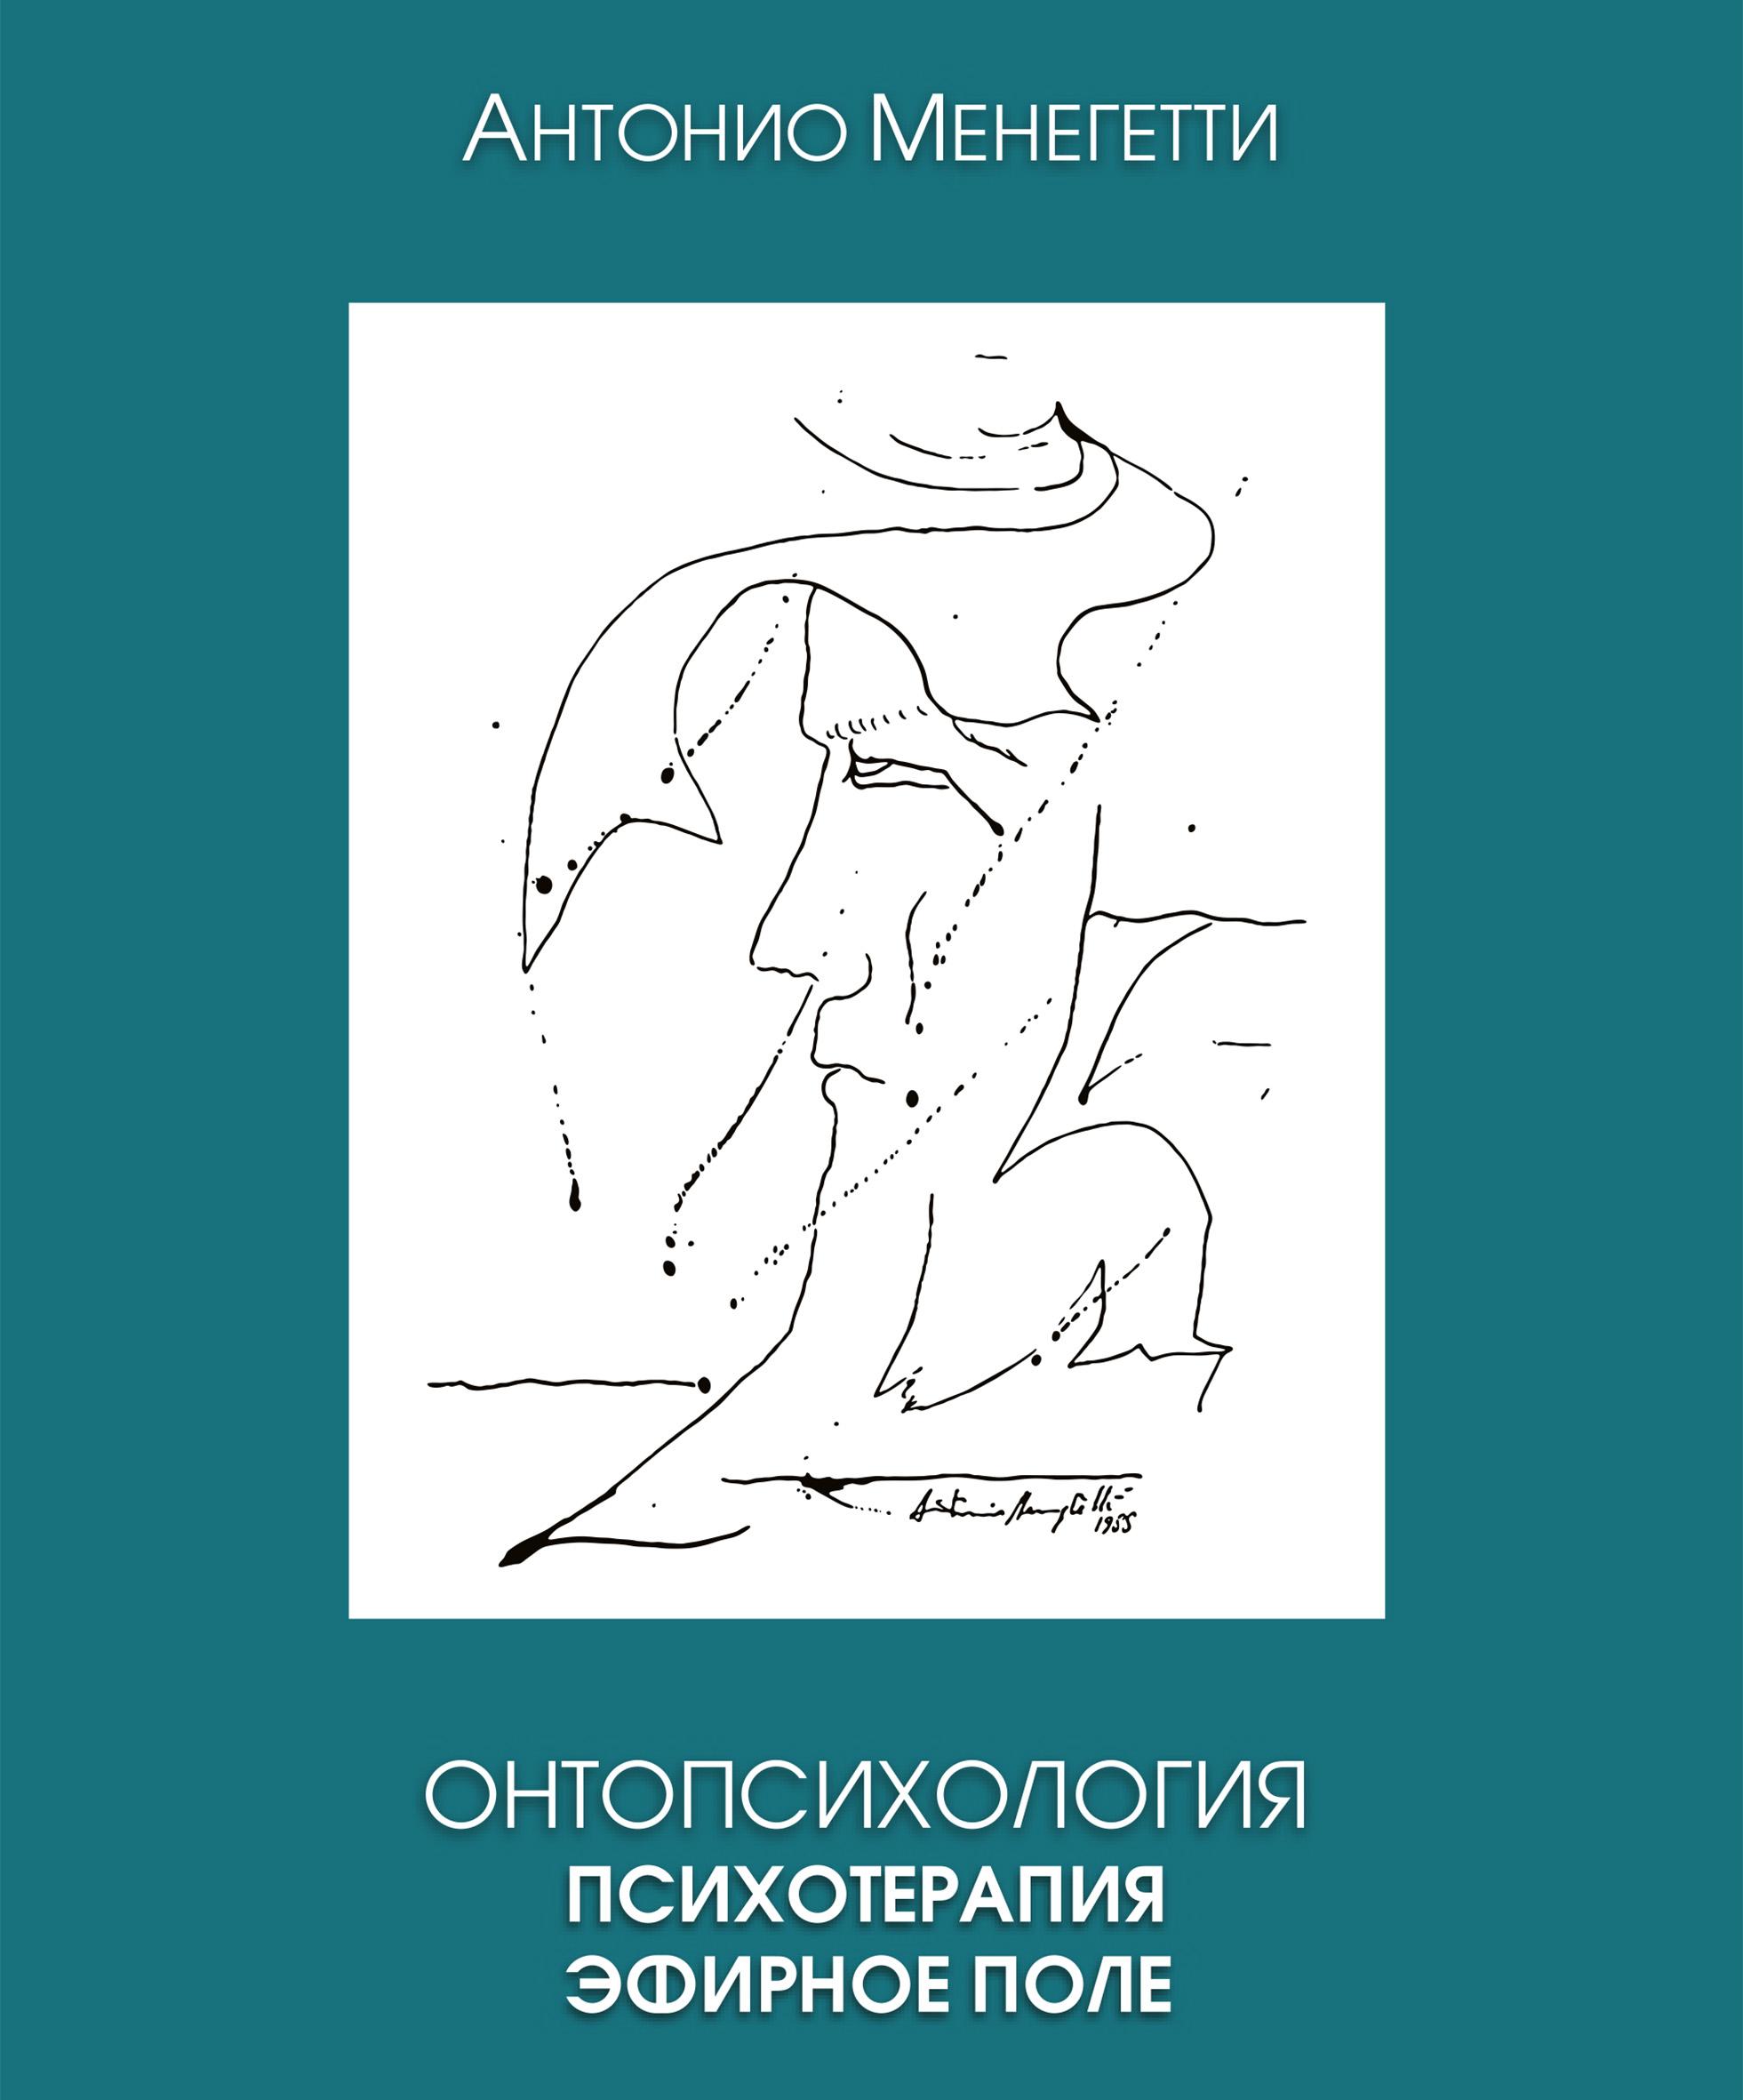 ontopsikhologiya psikhoterapiya efirnoe pole